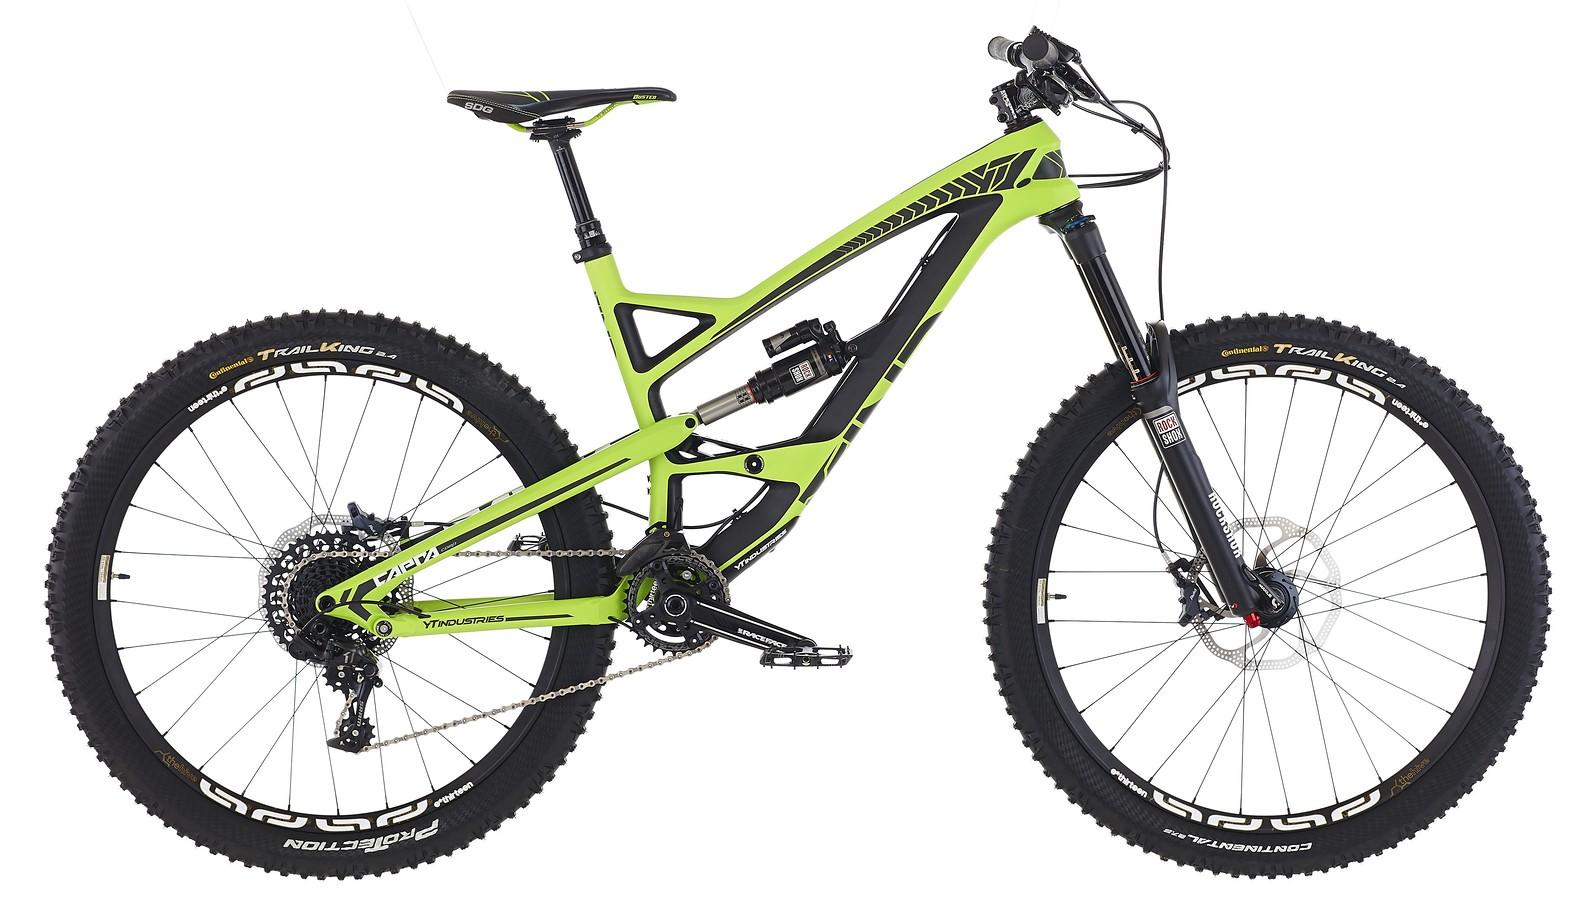 2015 Yt Capra Comp 1 Bike Reviews Comparisons Specs